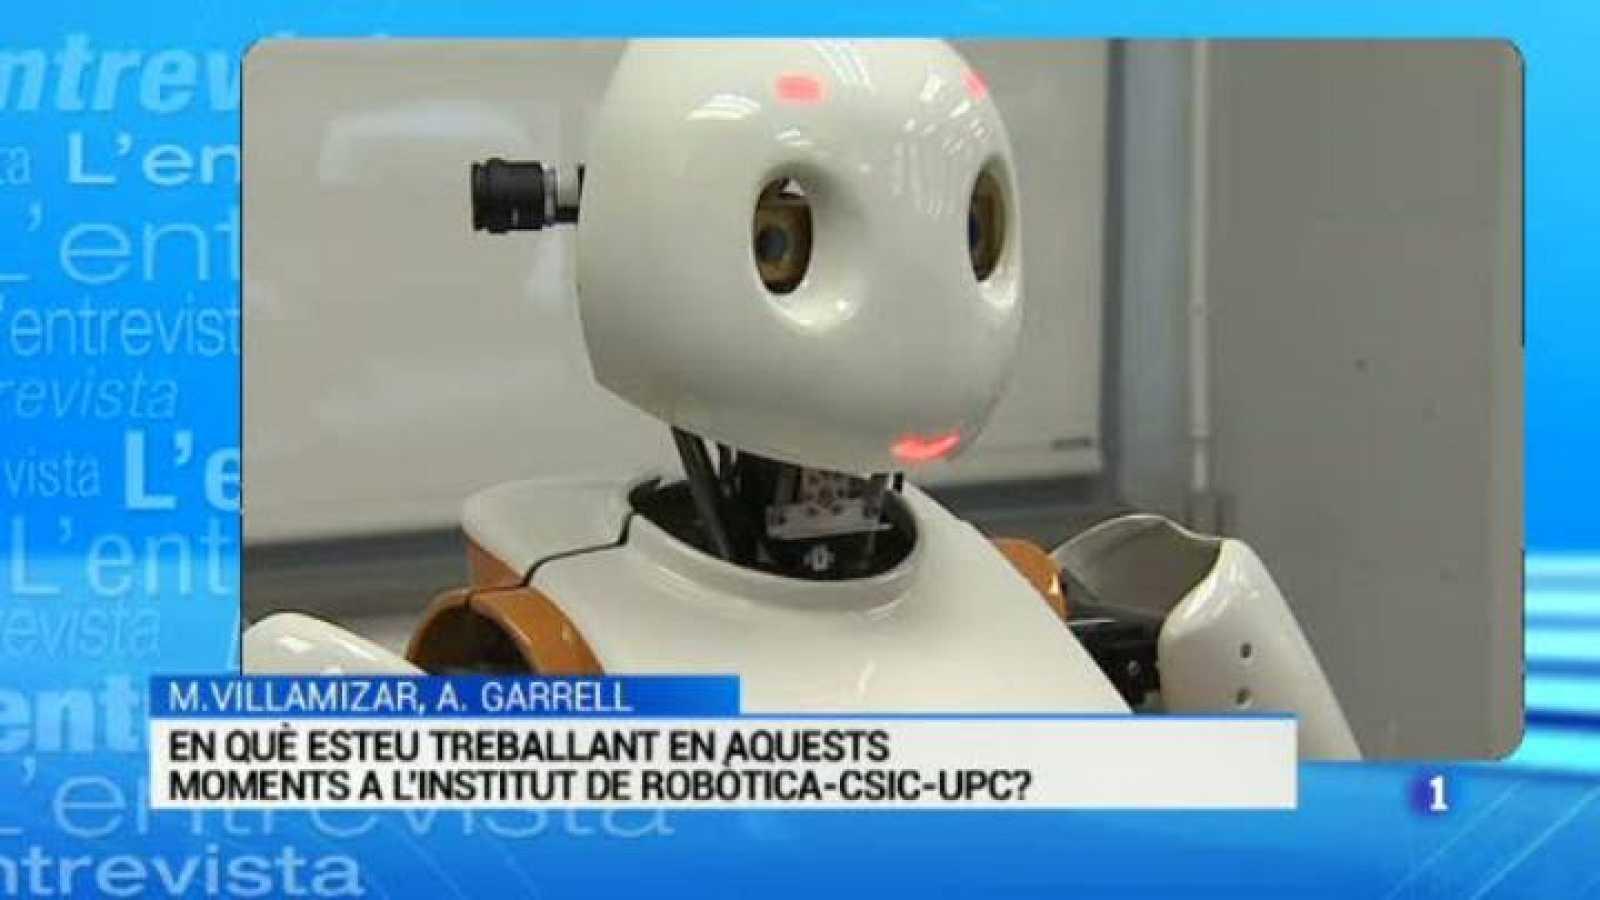 L'Entrevista de l'Informatiu Cap de Setmana: el futur de la intel·ligència artificial amb Anais Garrell i Michel Villamizar, doctors en robòtica